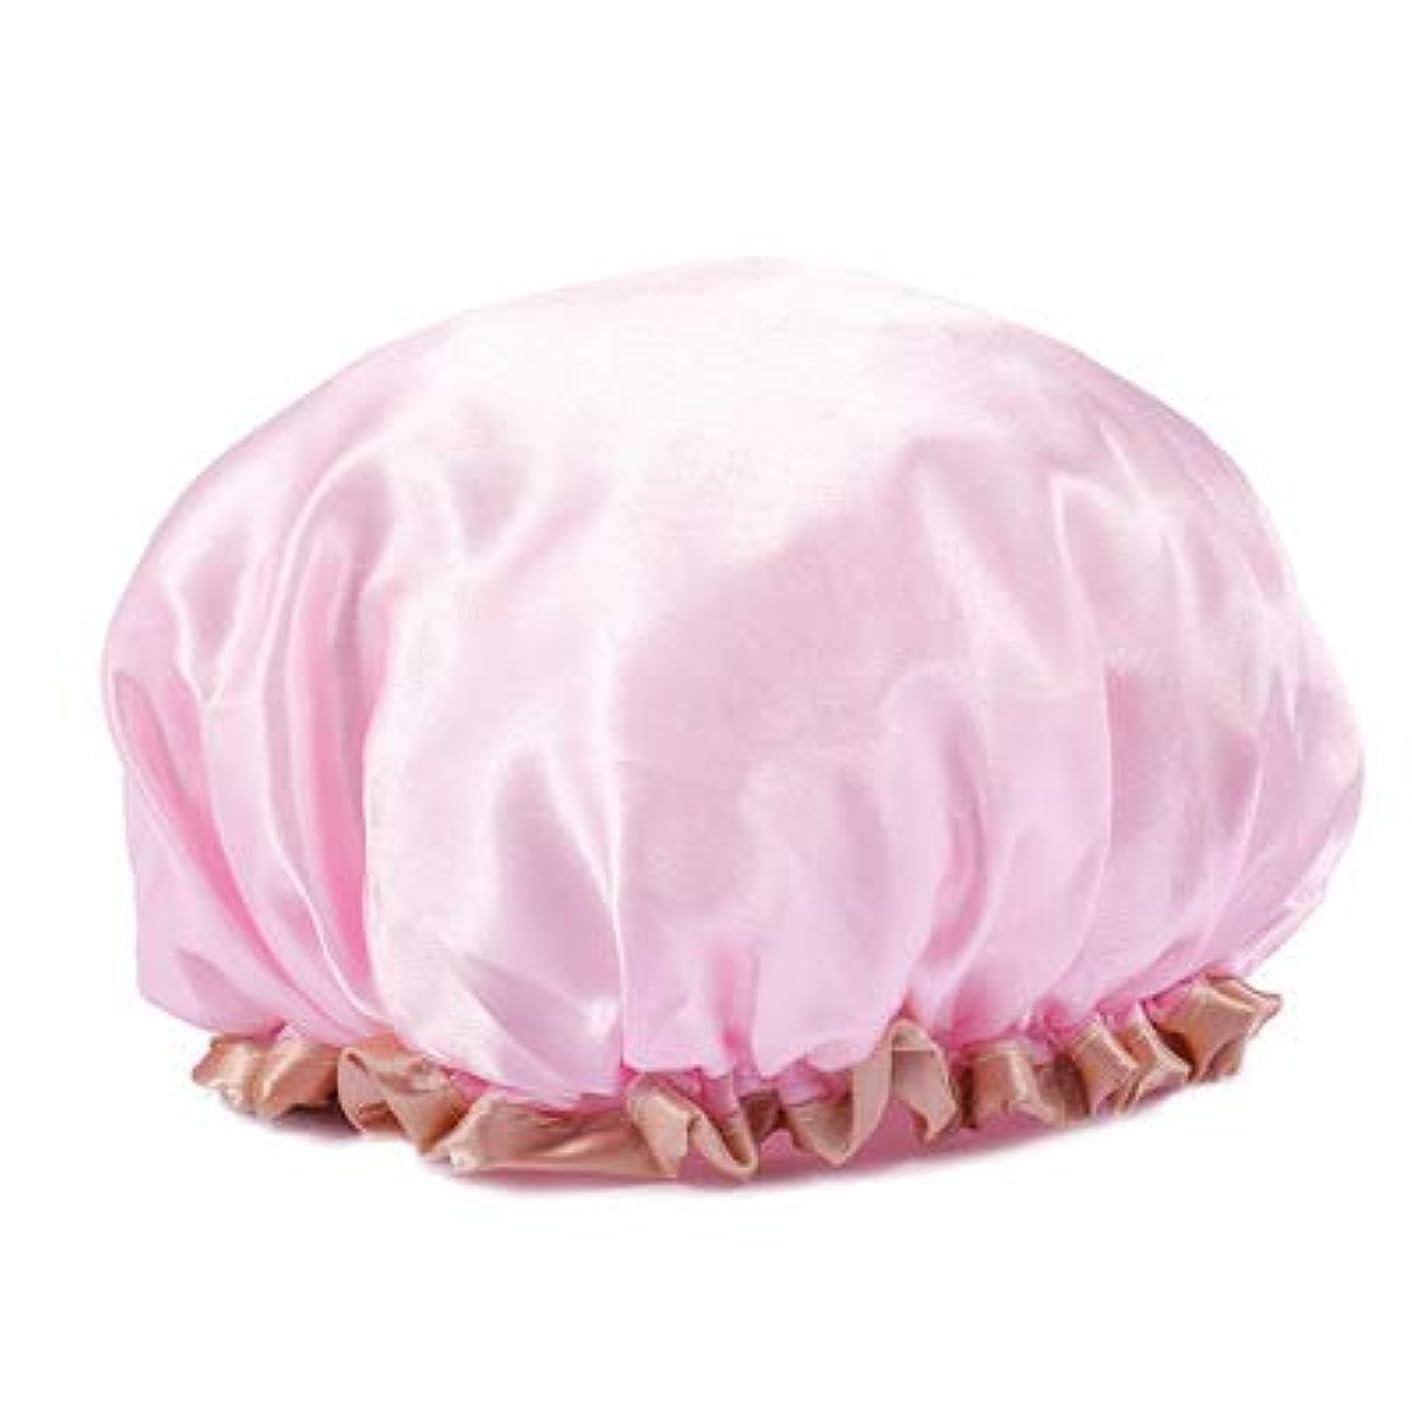 構造アレルギーキャプションDavine 2個の女性のシャワーキャップ防水大人フードロングヘア肥厚かわいいシャワーバスシャワー帽子 (07)